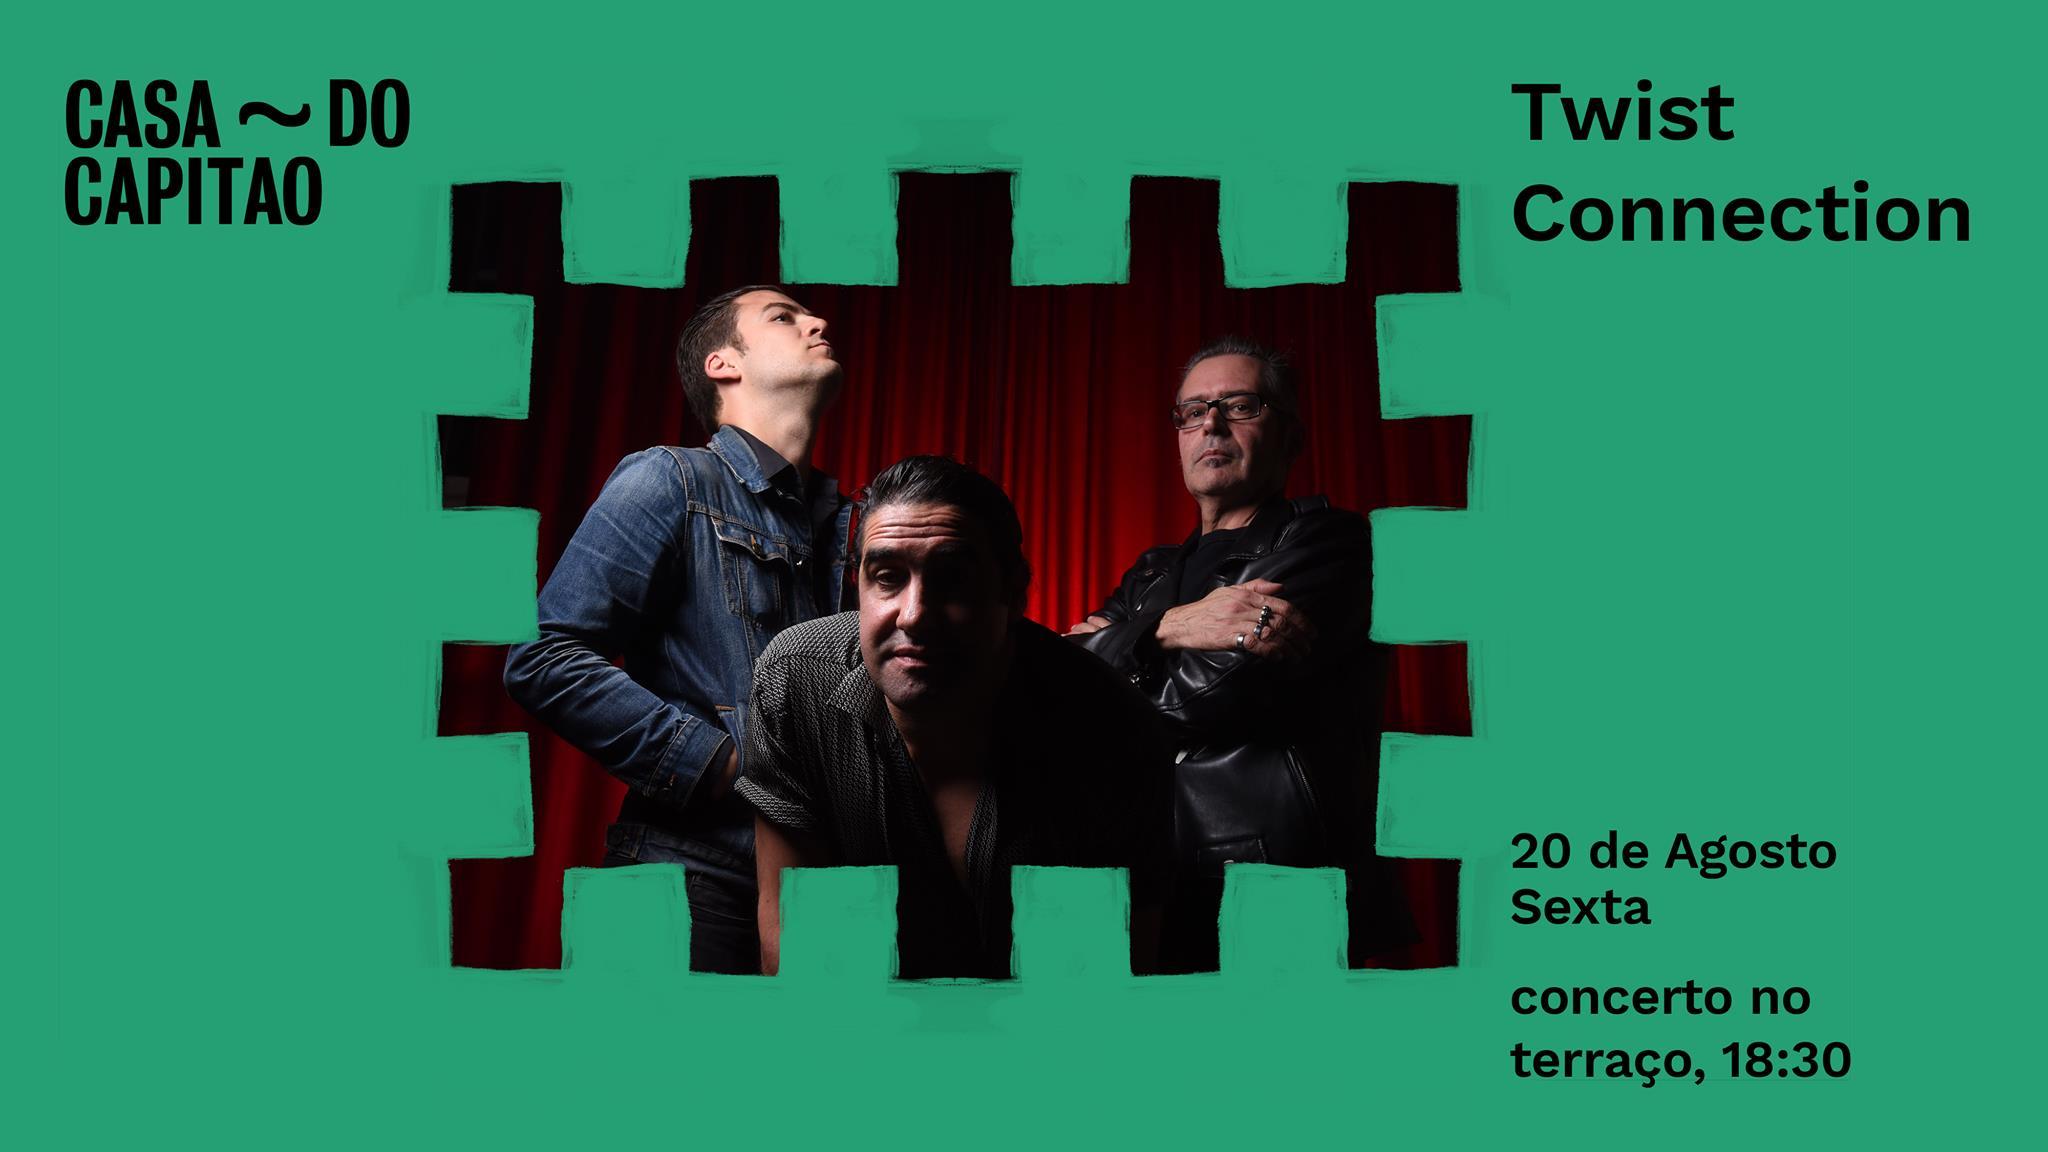 The Twist Connection • concerto no terraço